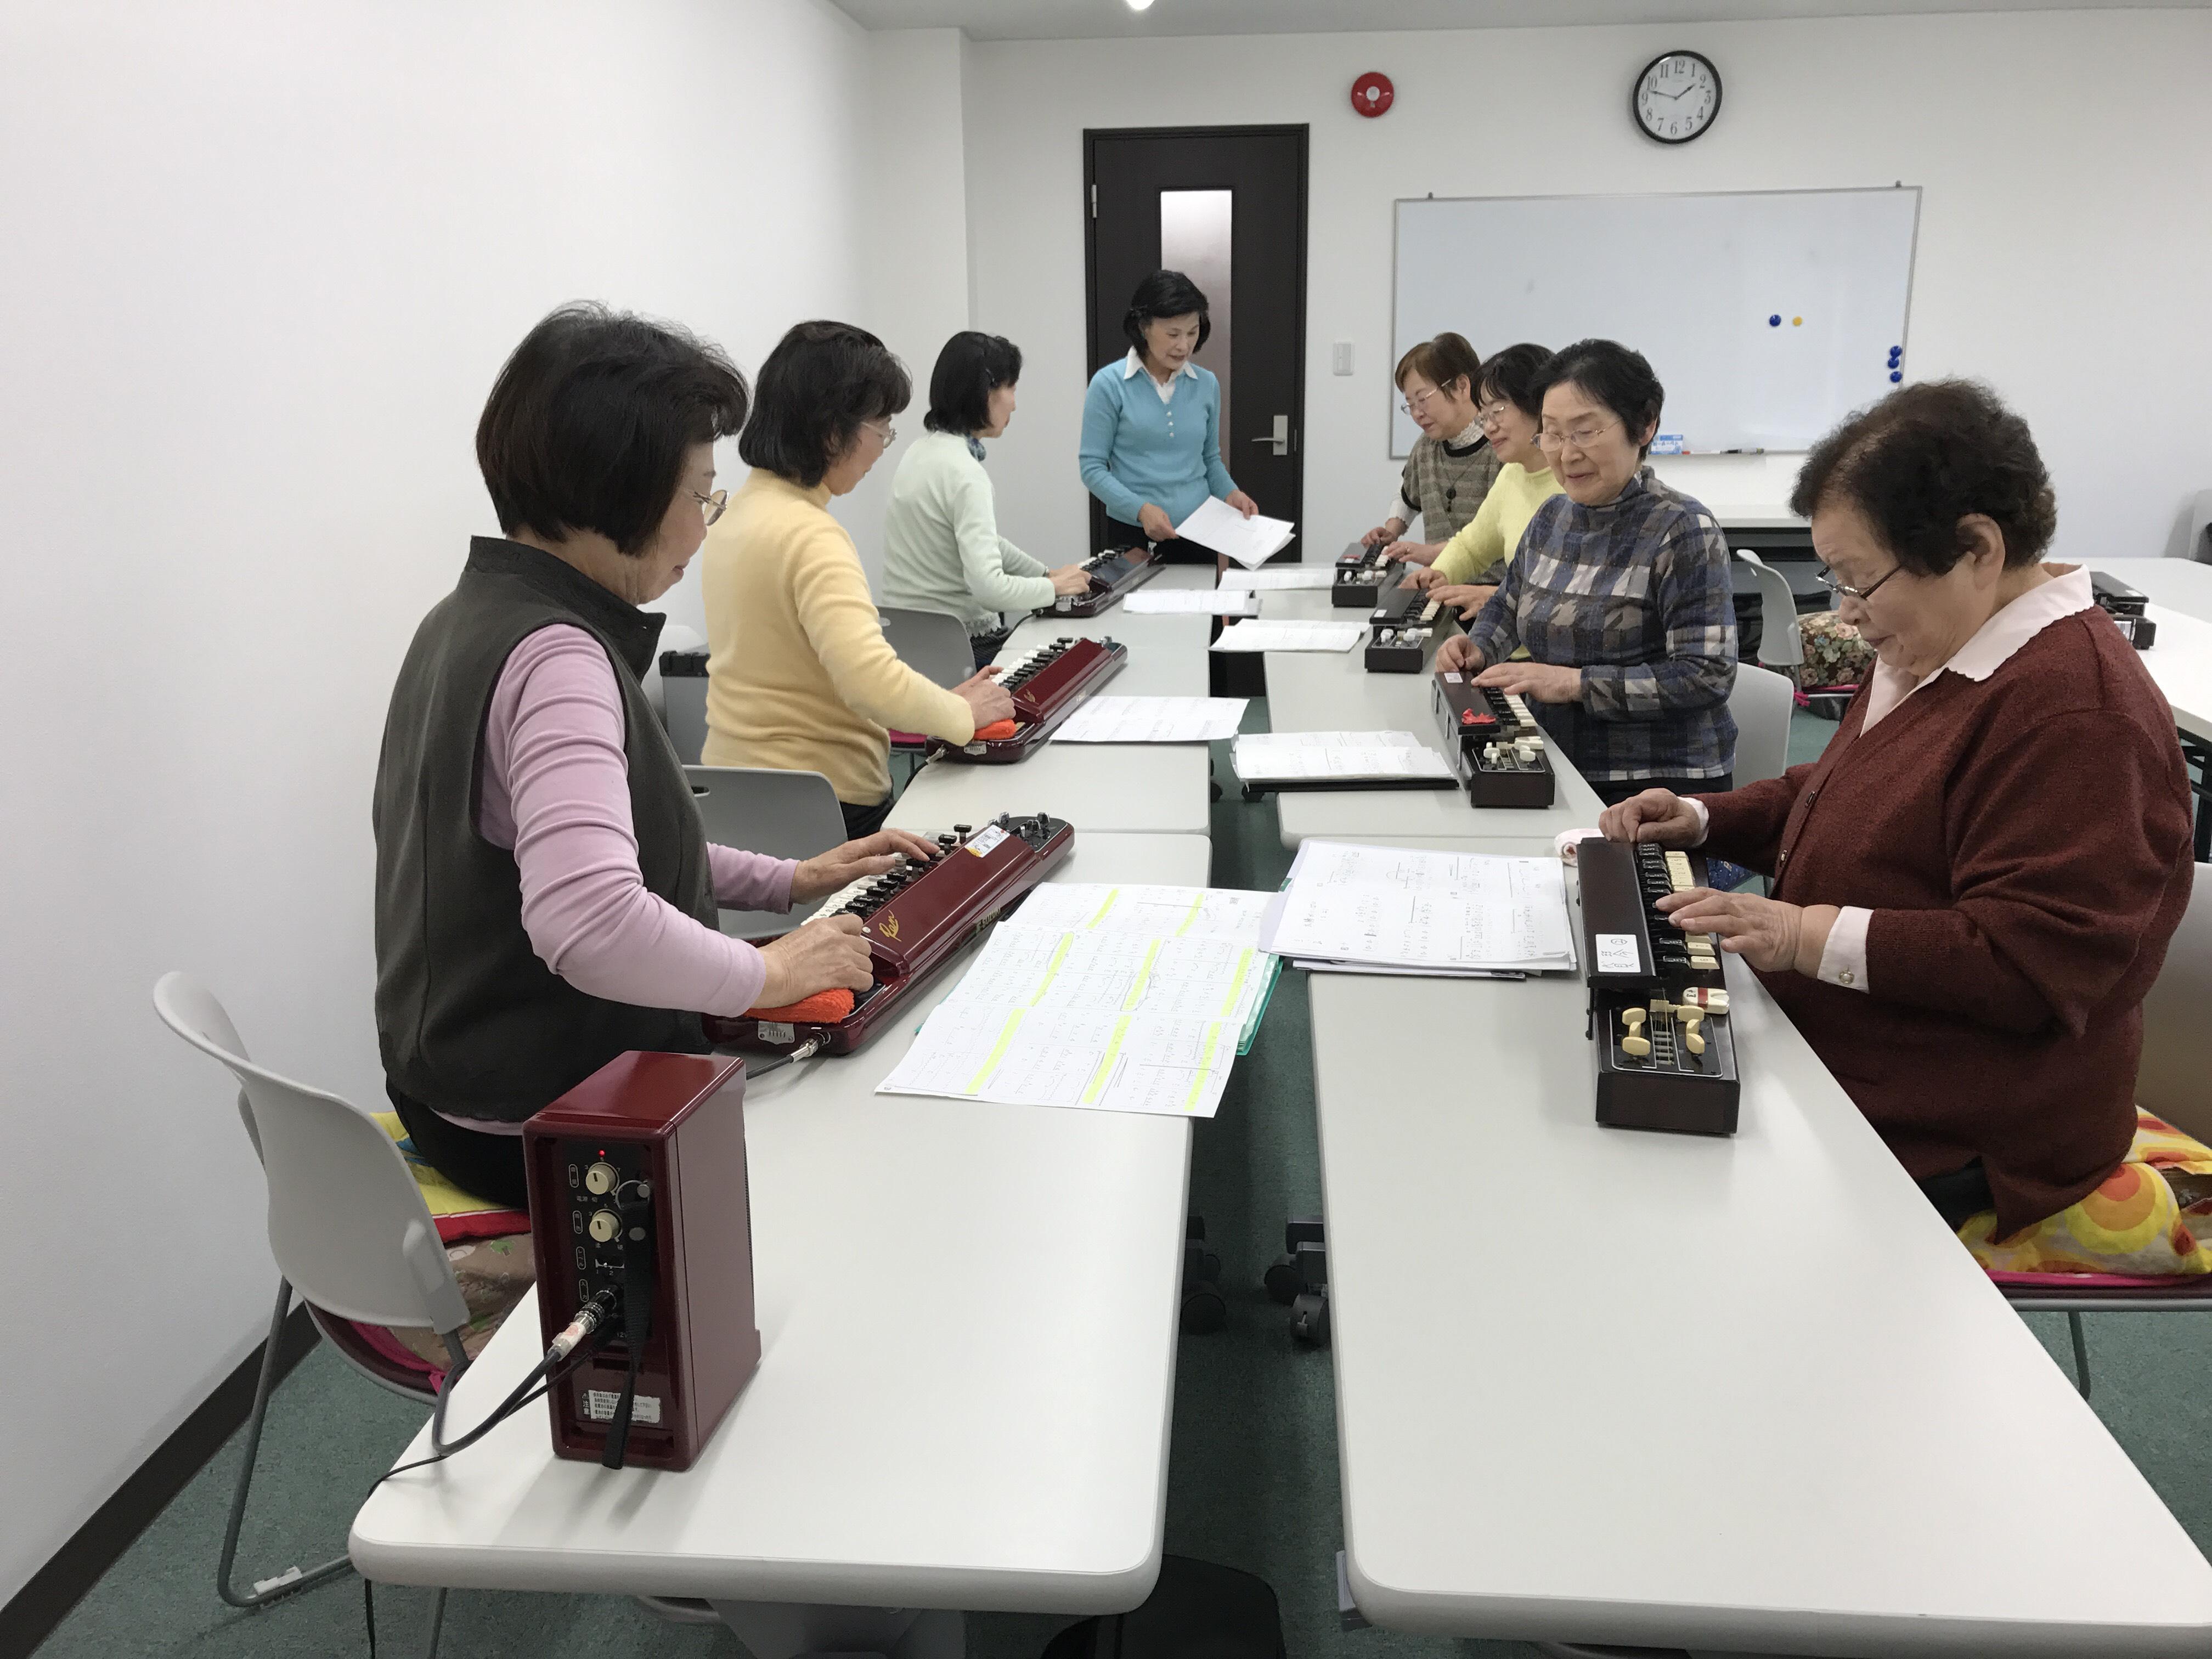 大正琴教室(ちいきカルチャー志津)